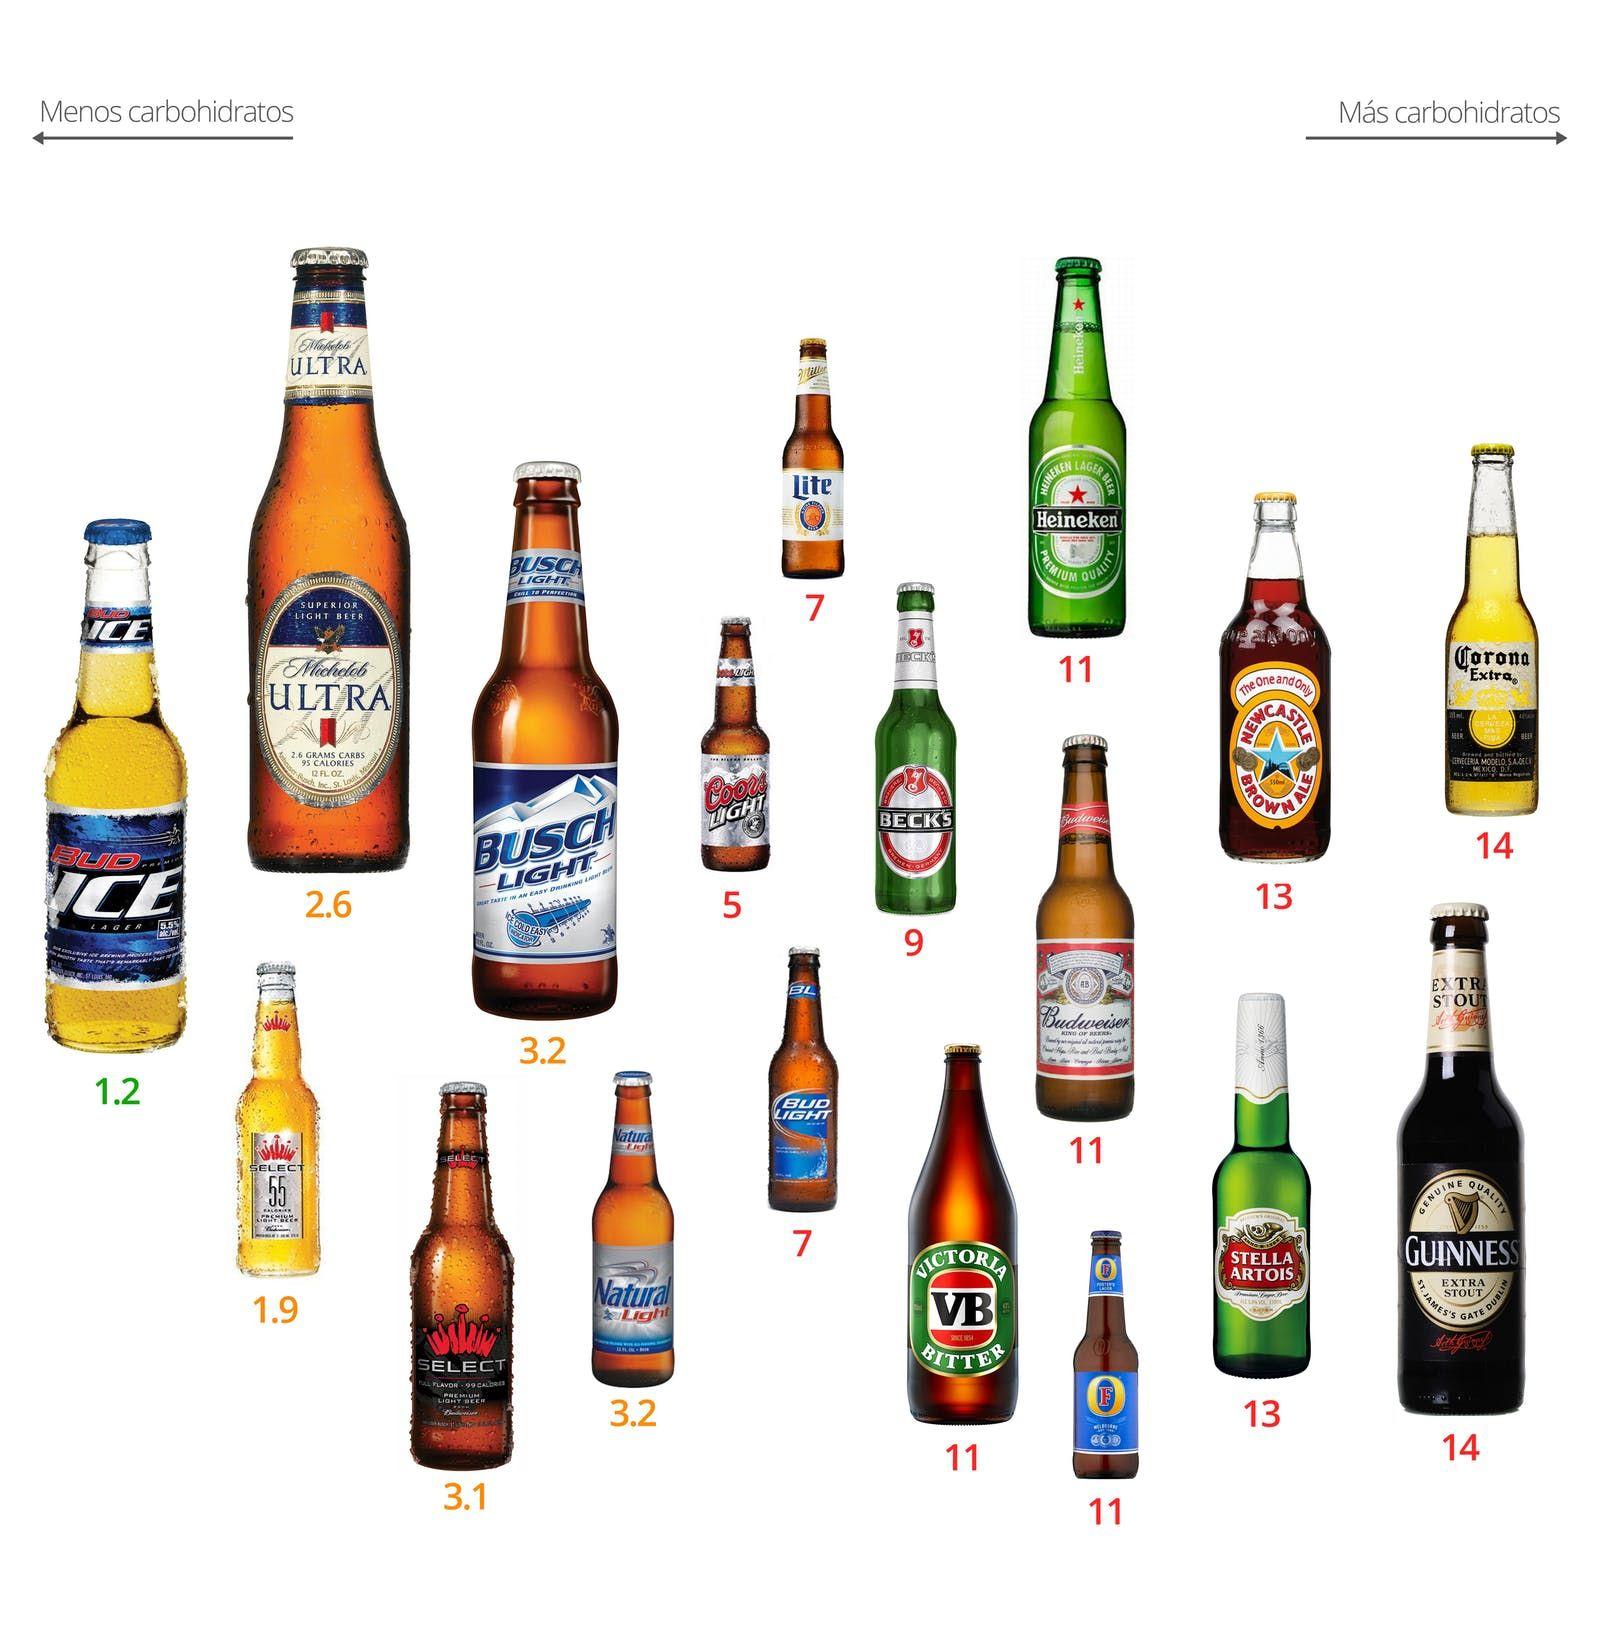 bebidas alcohólicas que puede tener en una dieta cetosis